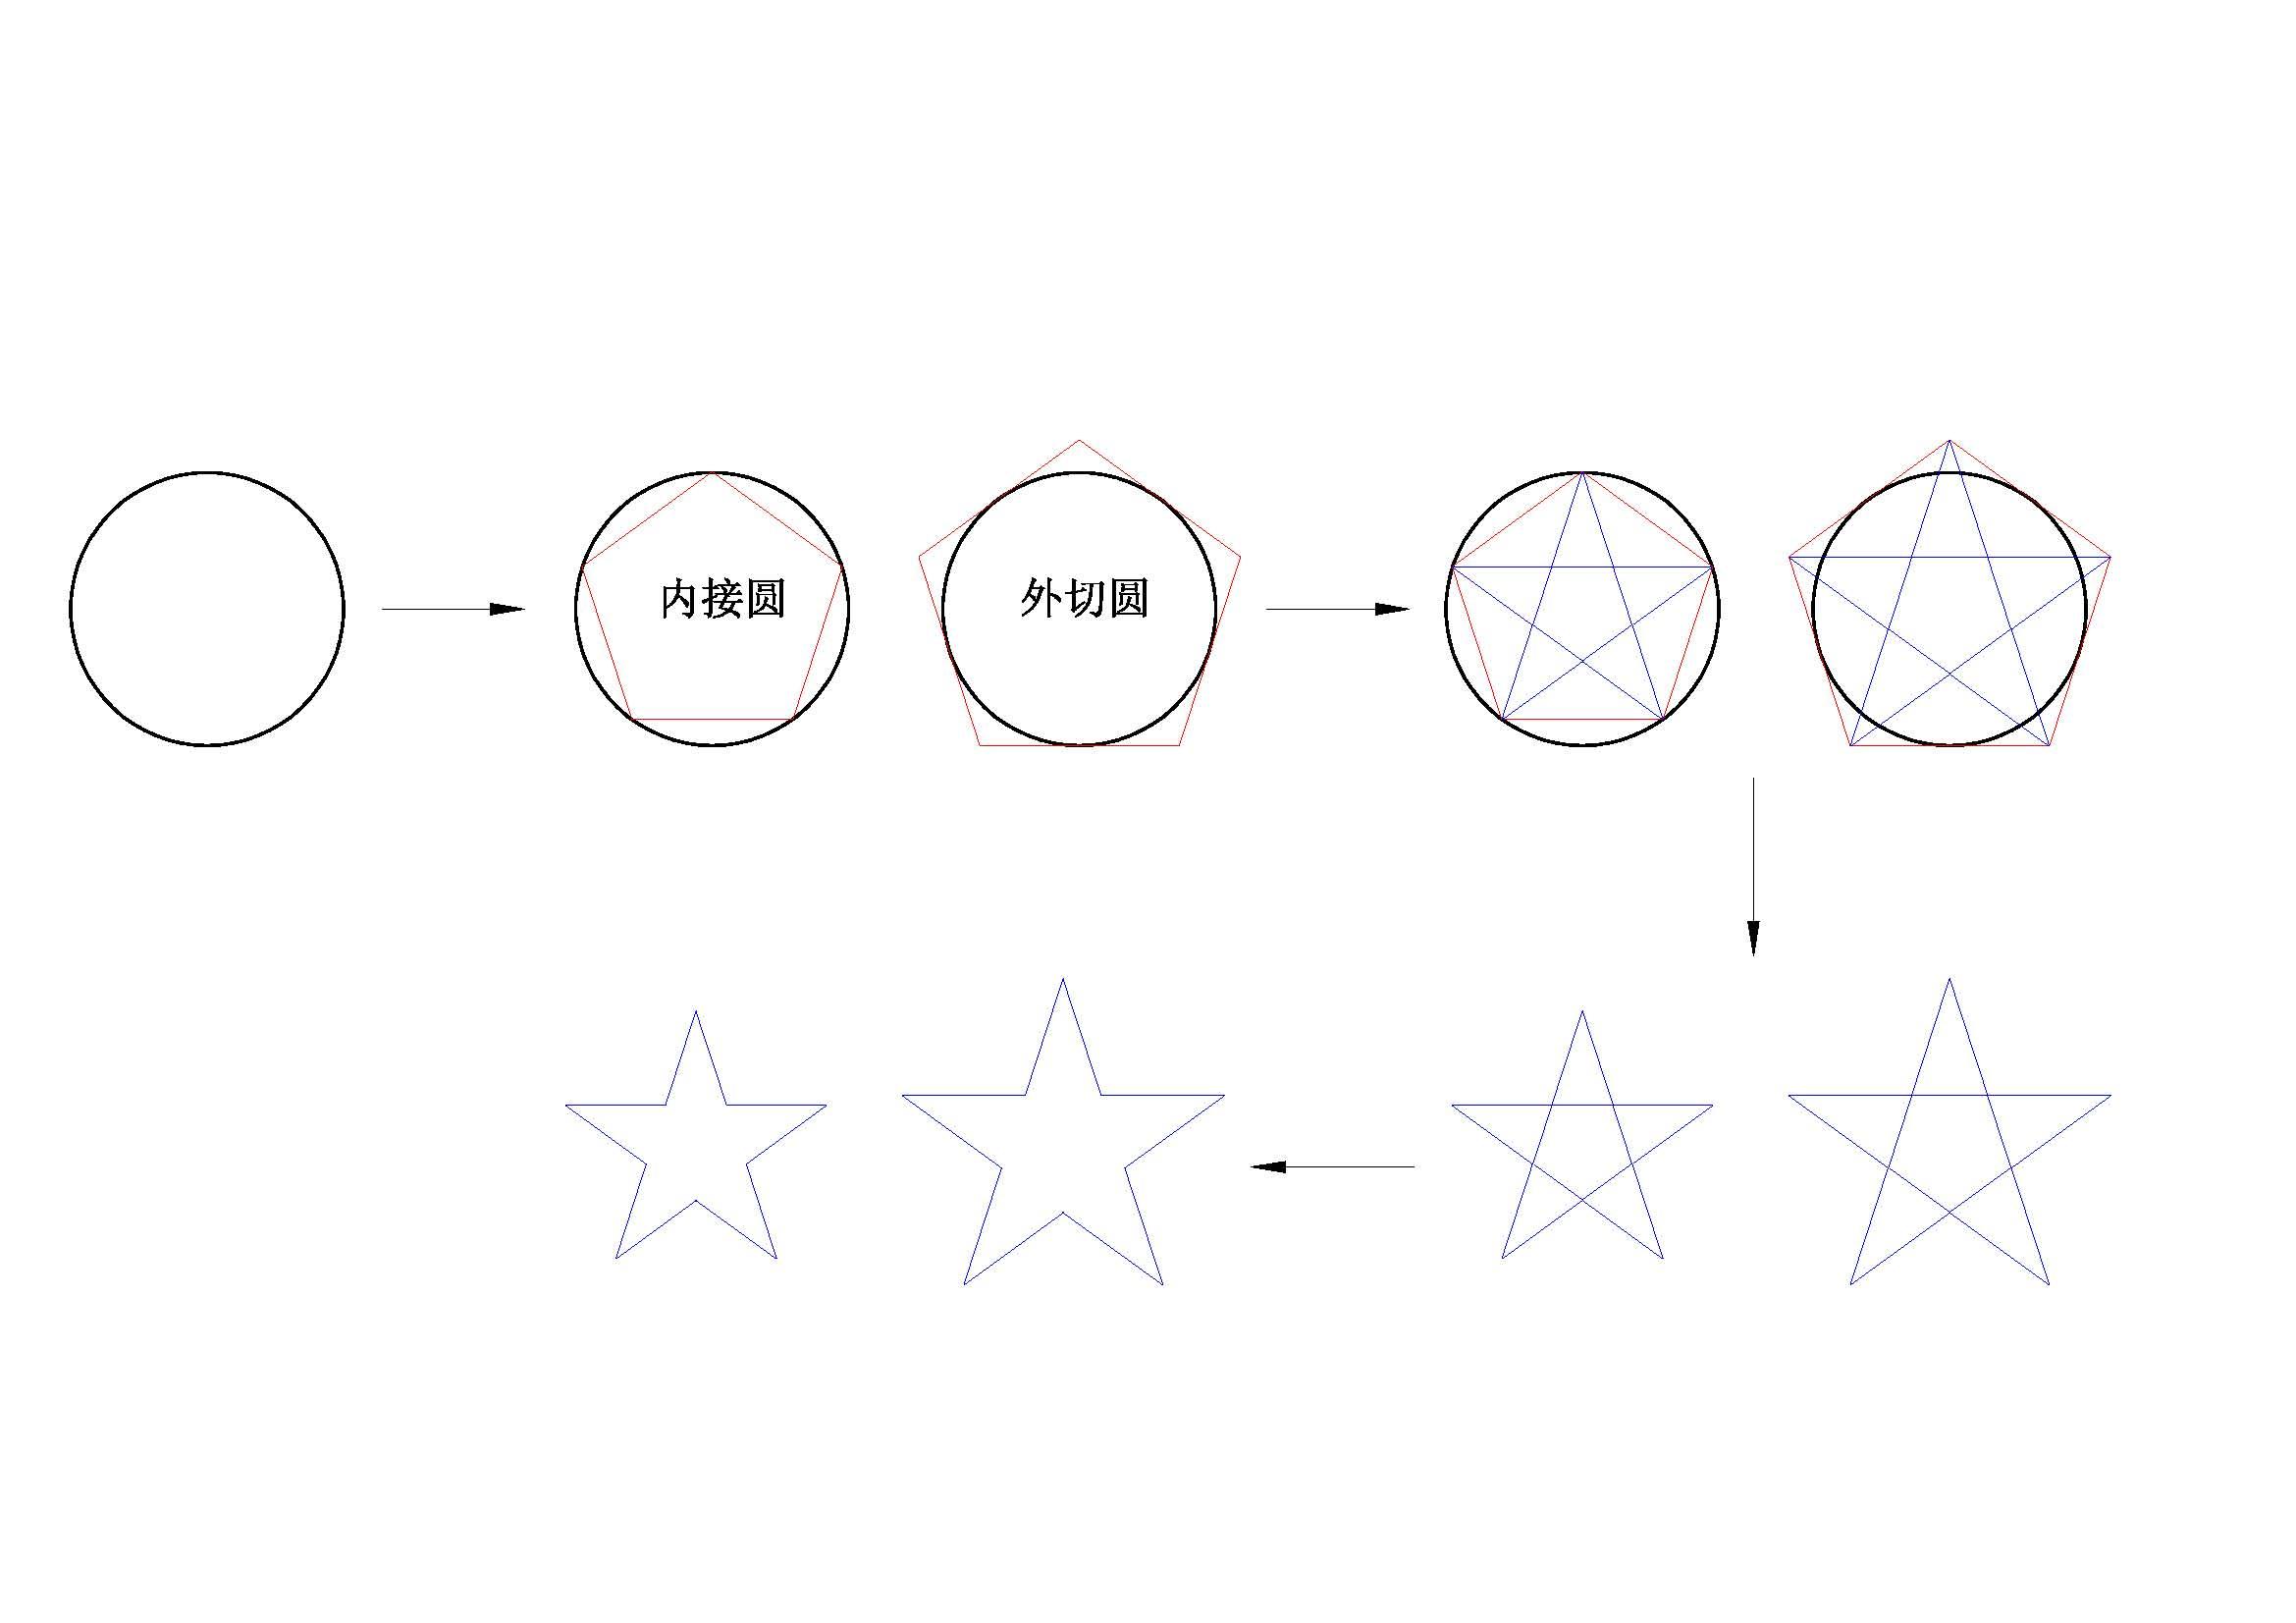 在cad中画五角星的具体步骤是怎样的?